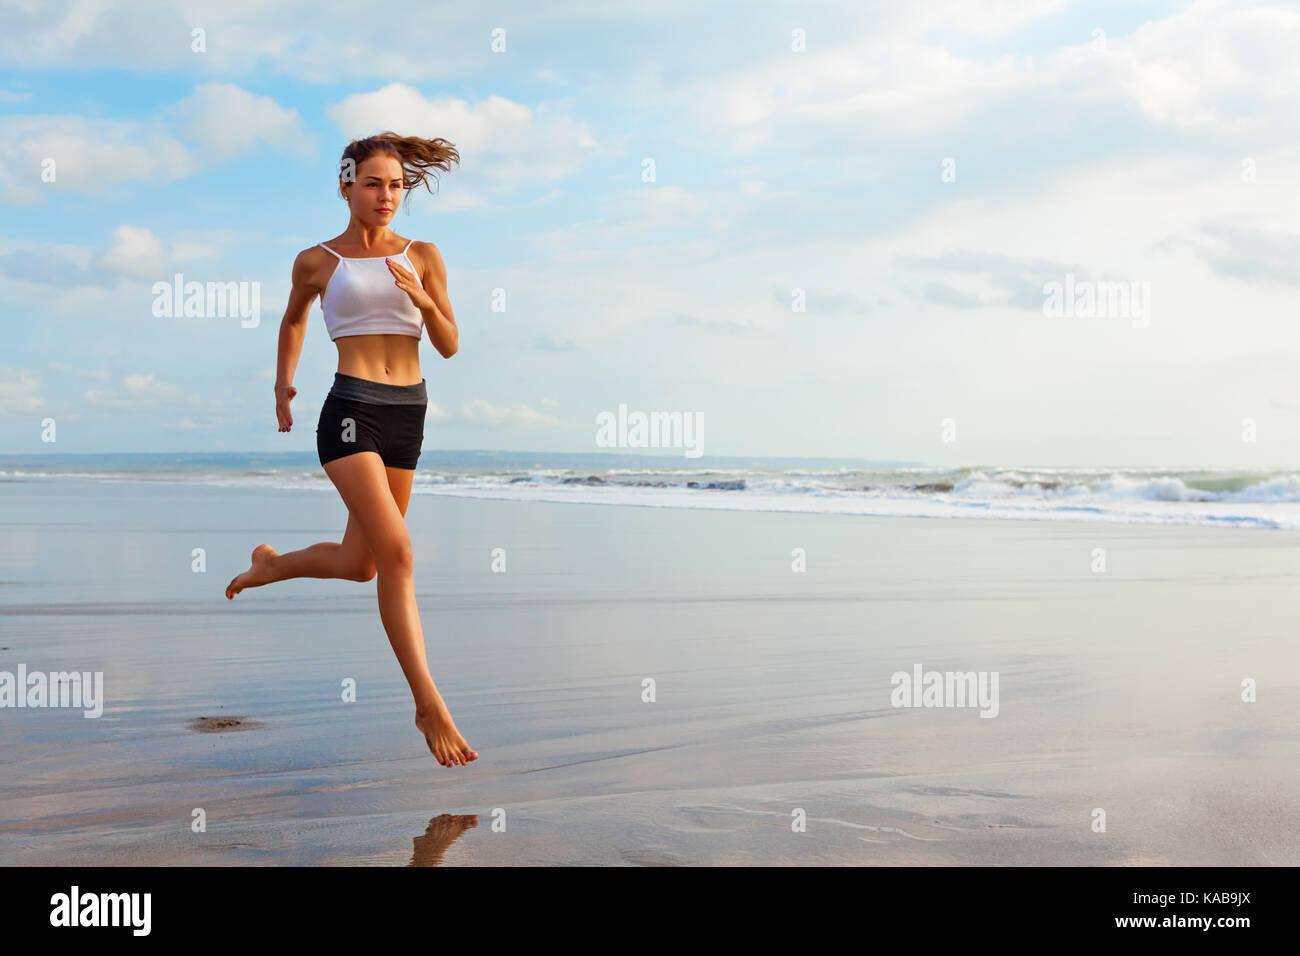 Barfuß sportliche Mädchen mit schlanken Körper entlang Meer surfen durch Wasser Pool , Gesundheit Stockbild